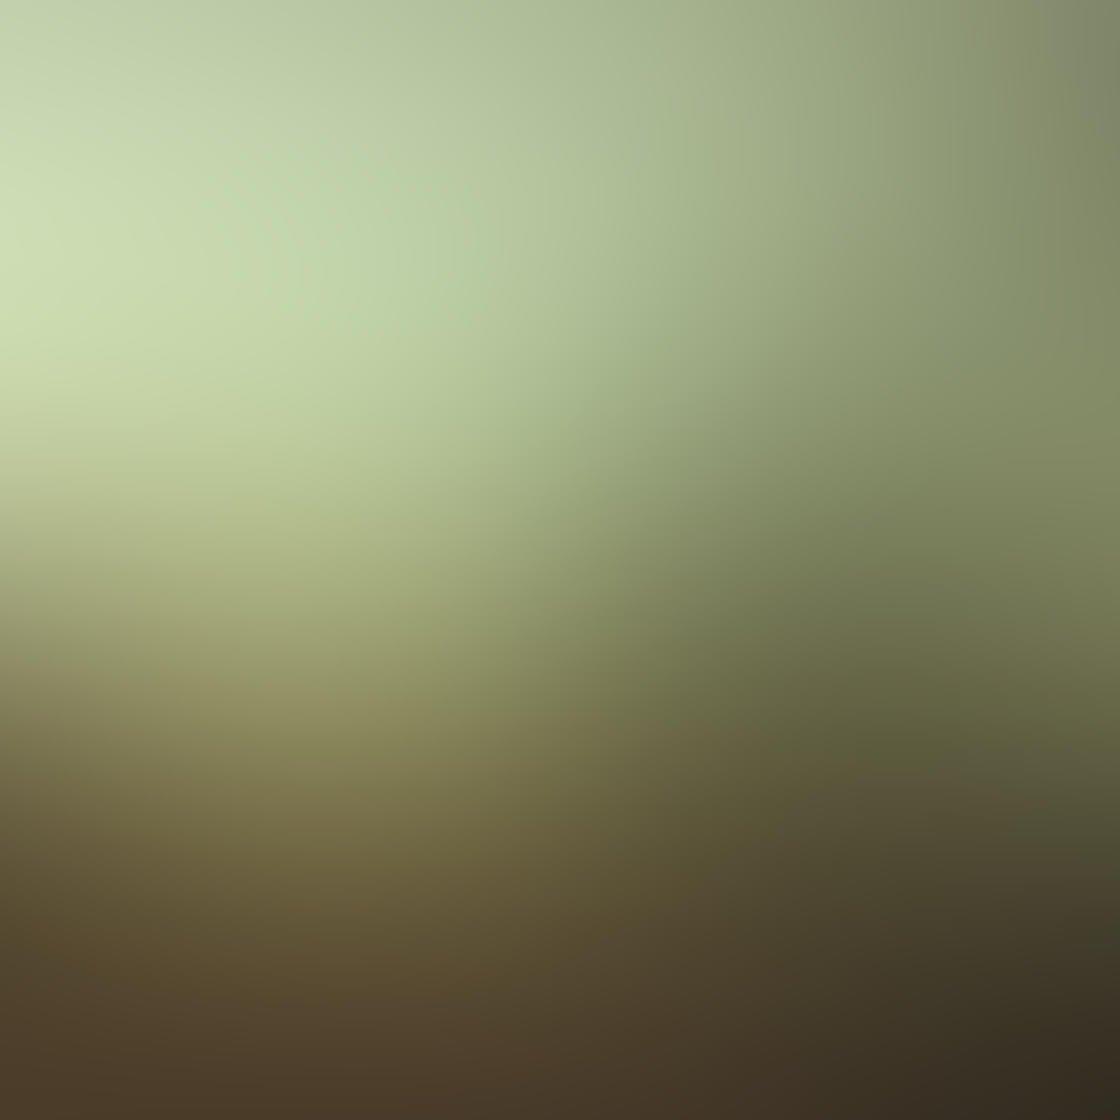 Fog & Mist iPhone Photos 46